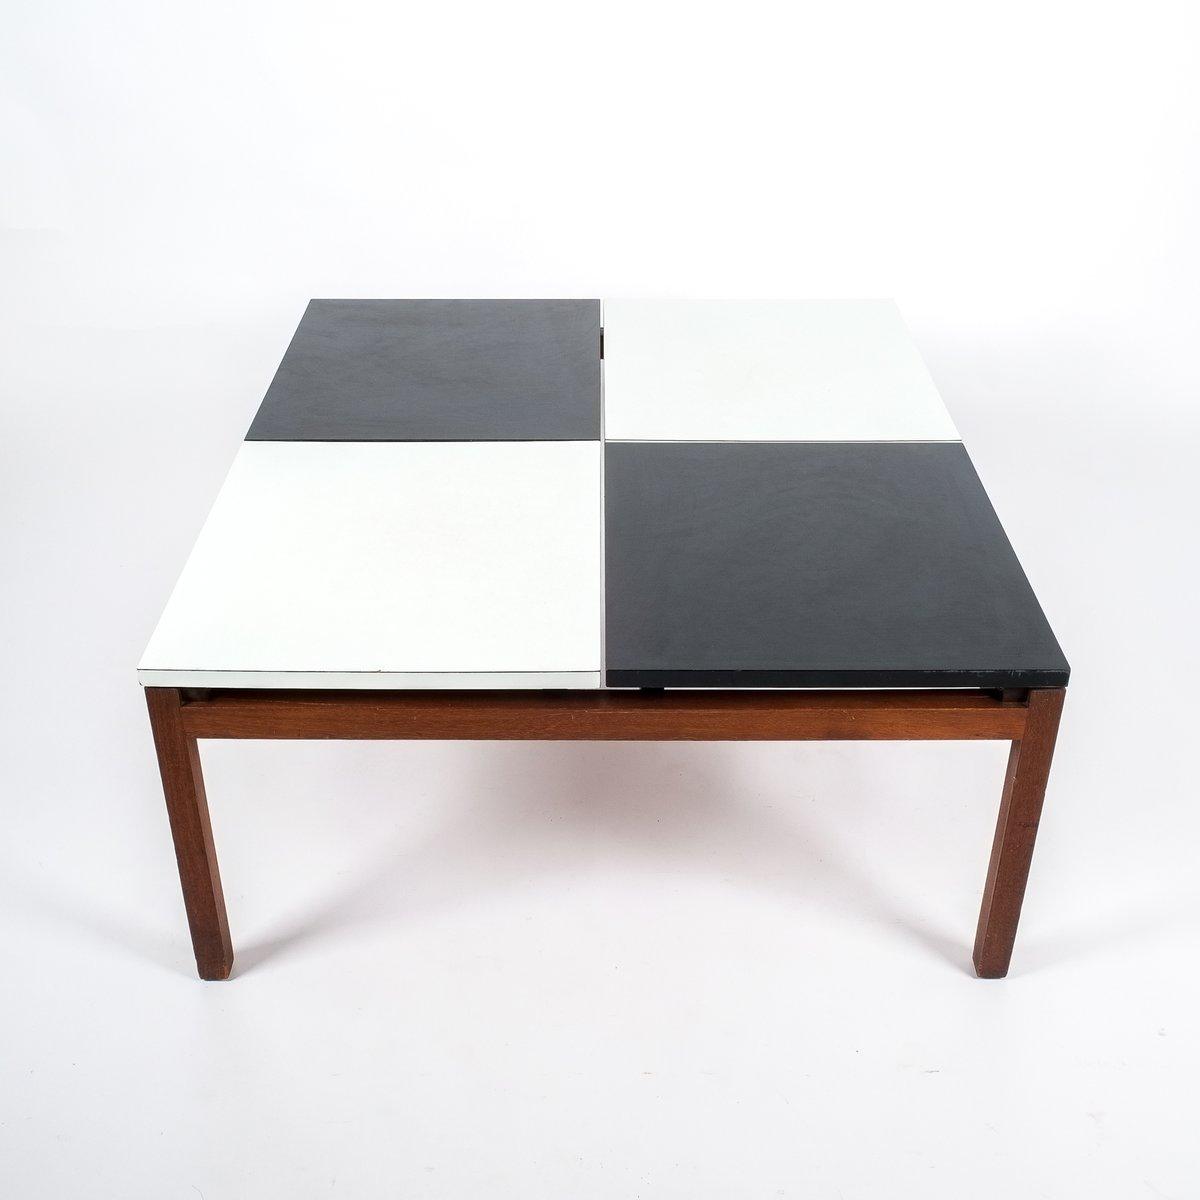 Table basse noire et blanche par lewis butler pour knoll 1960s en vente sur - Table basse noire et blanche ...